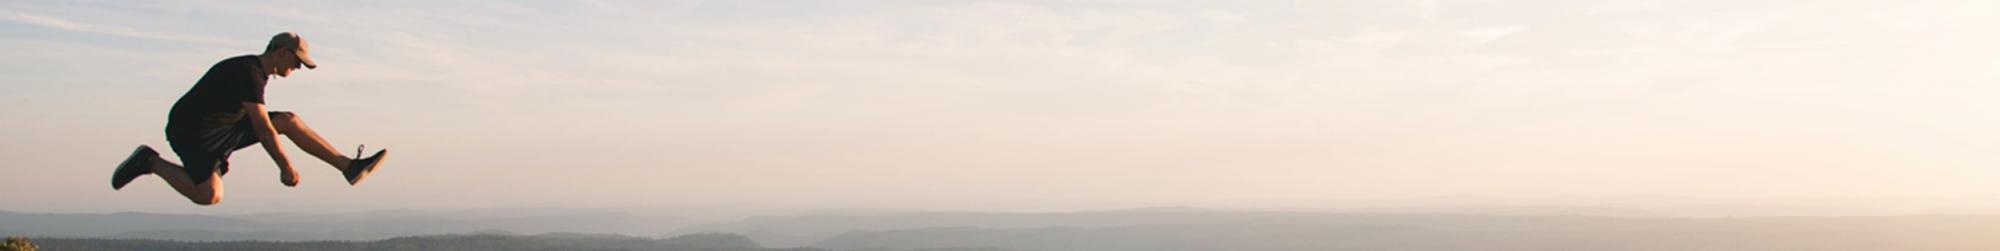 Unternehmercoach, Geschäftsführer Coaching, Unternehmer Coaching, Work Life Balance, Hamsterrad, Burnout, Tagesgeschäft, Lebensvision, Führung, Lutz Penzel